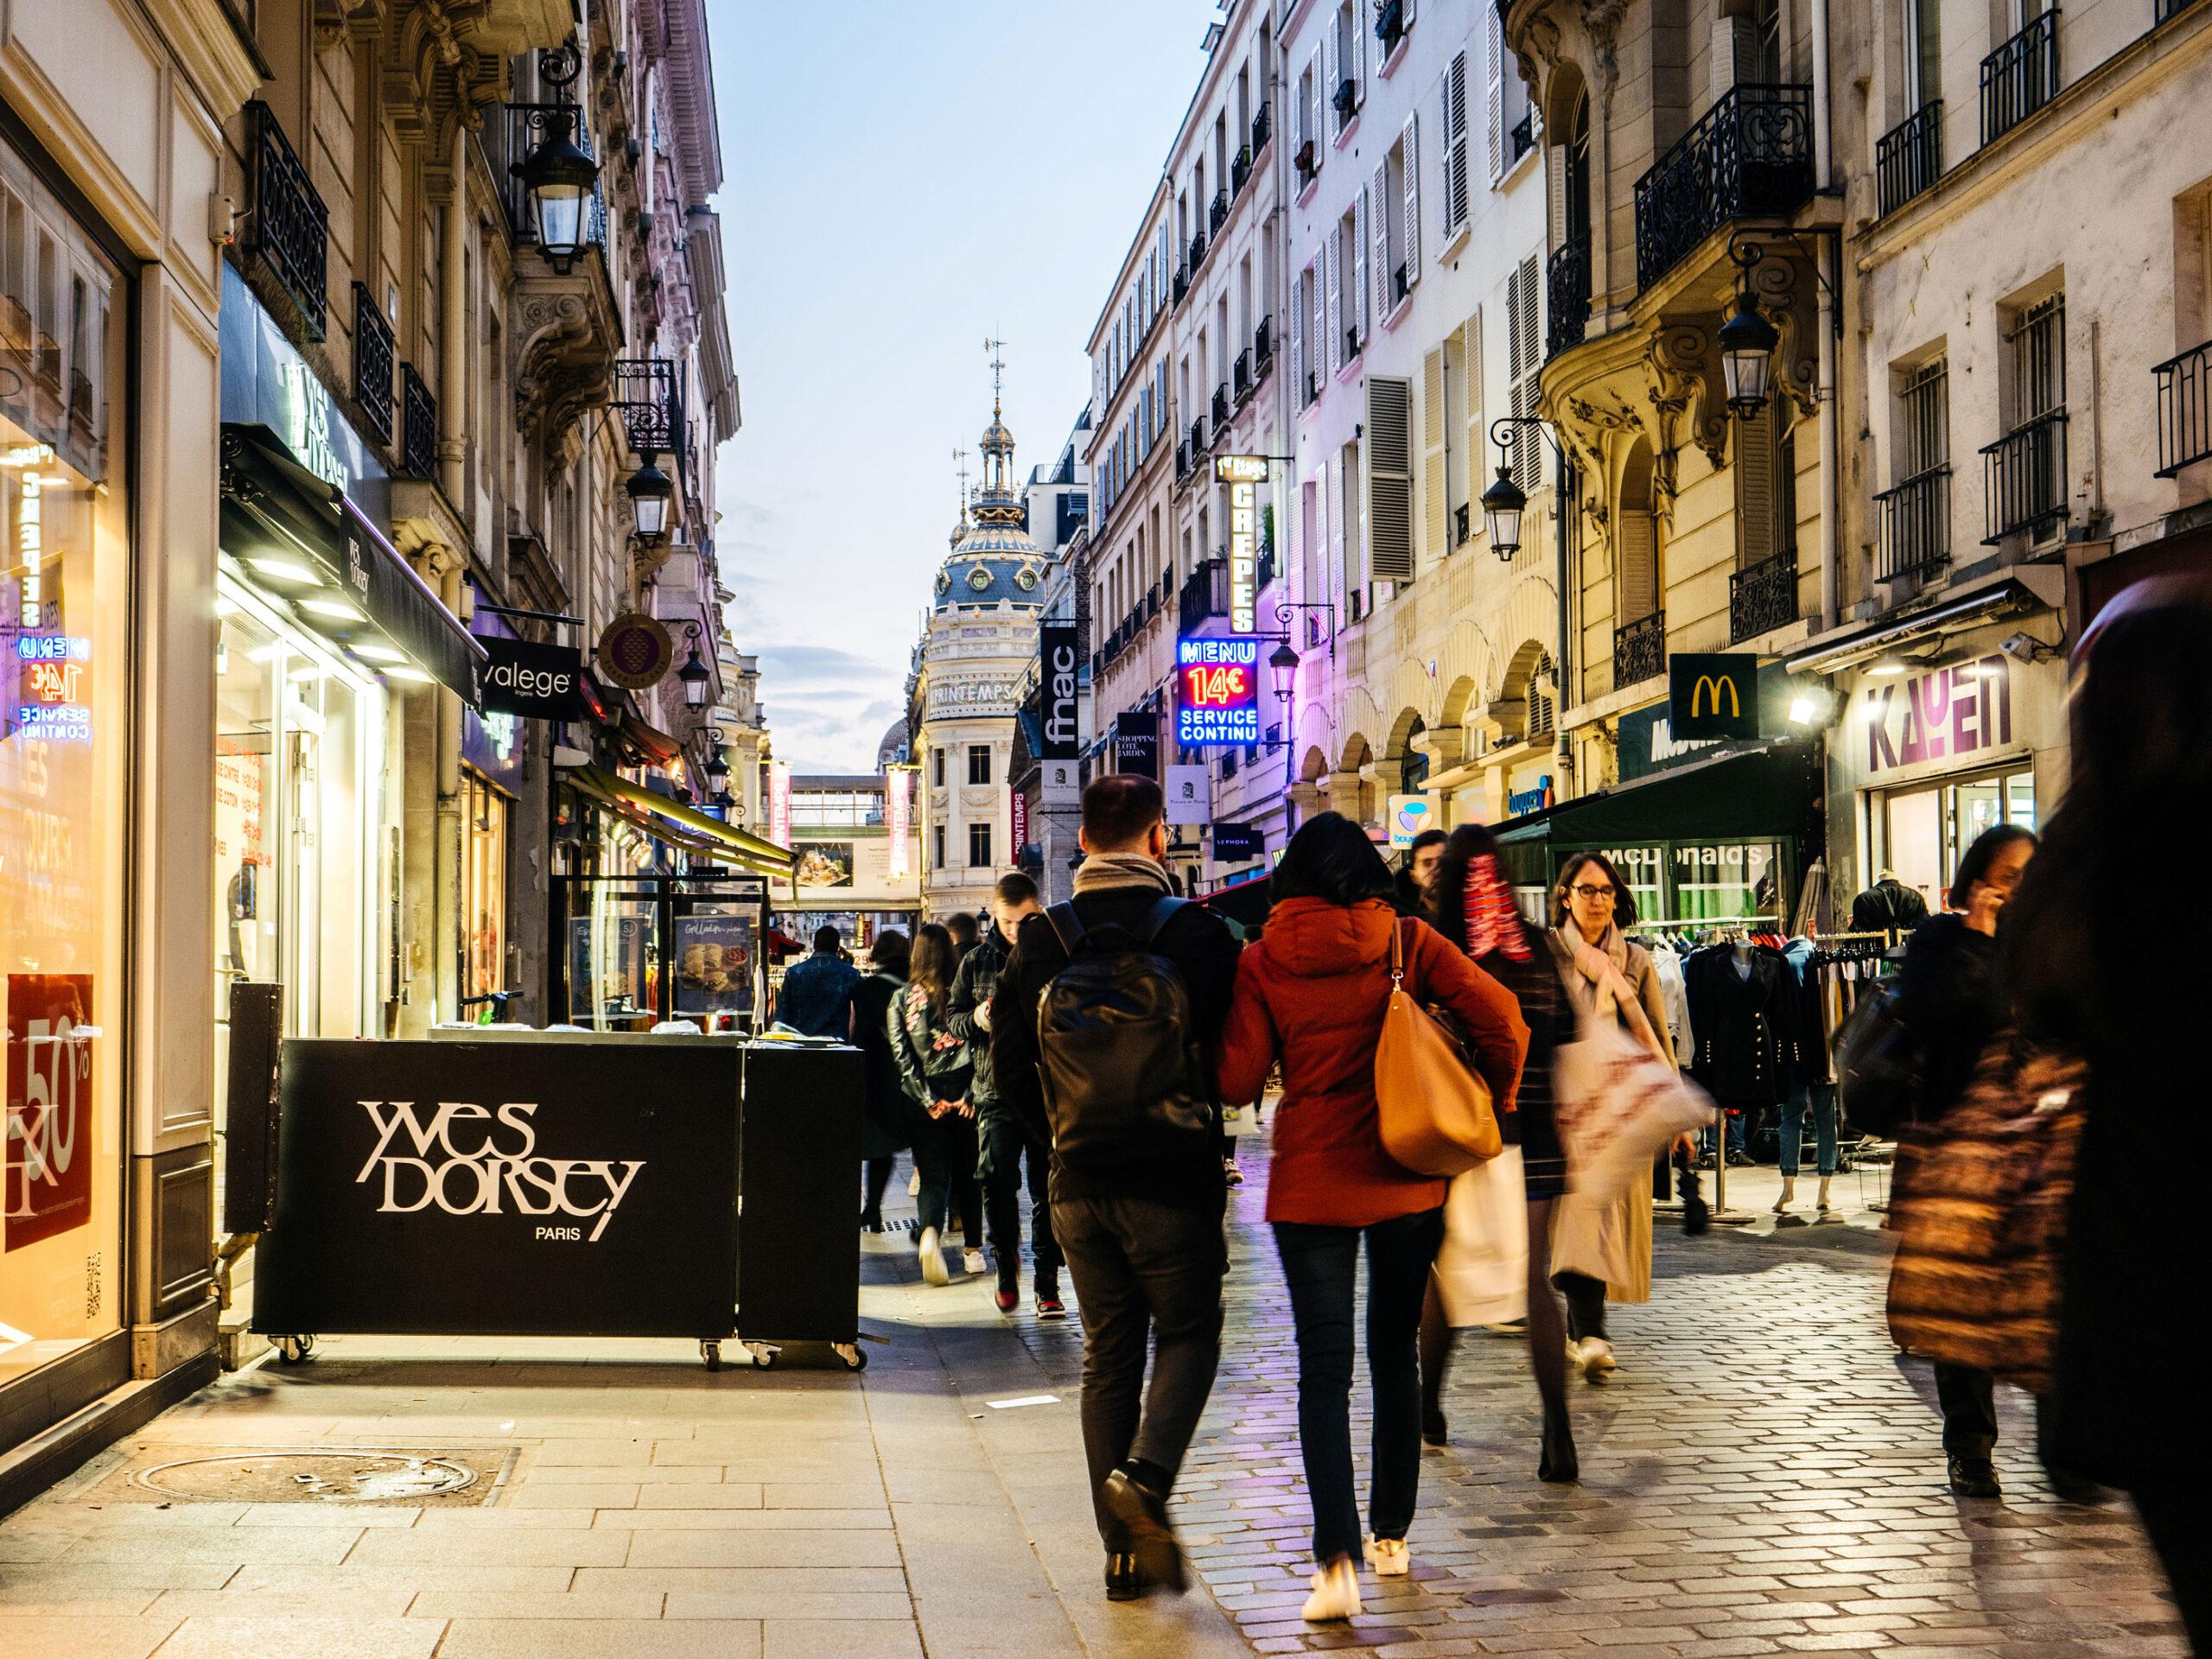 Januarsalg Paris klesbutikker shopping